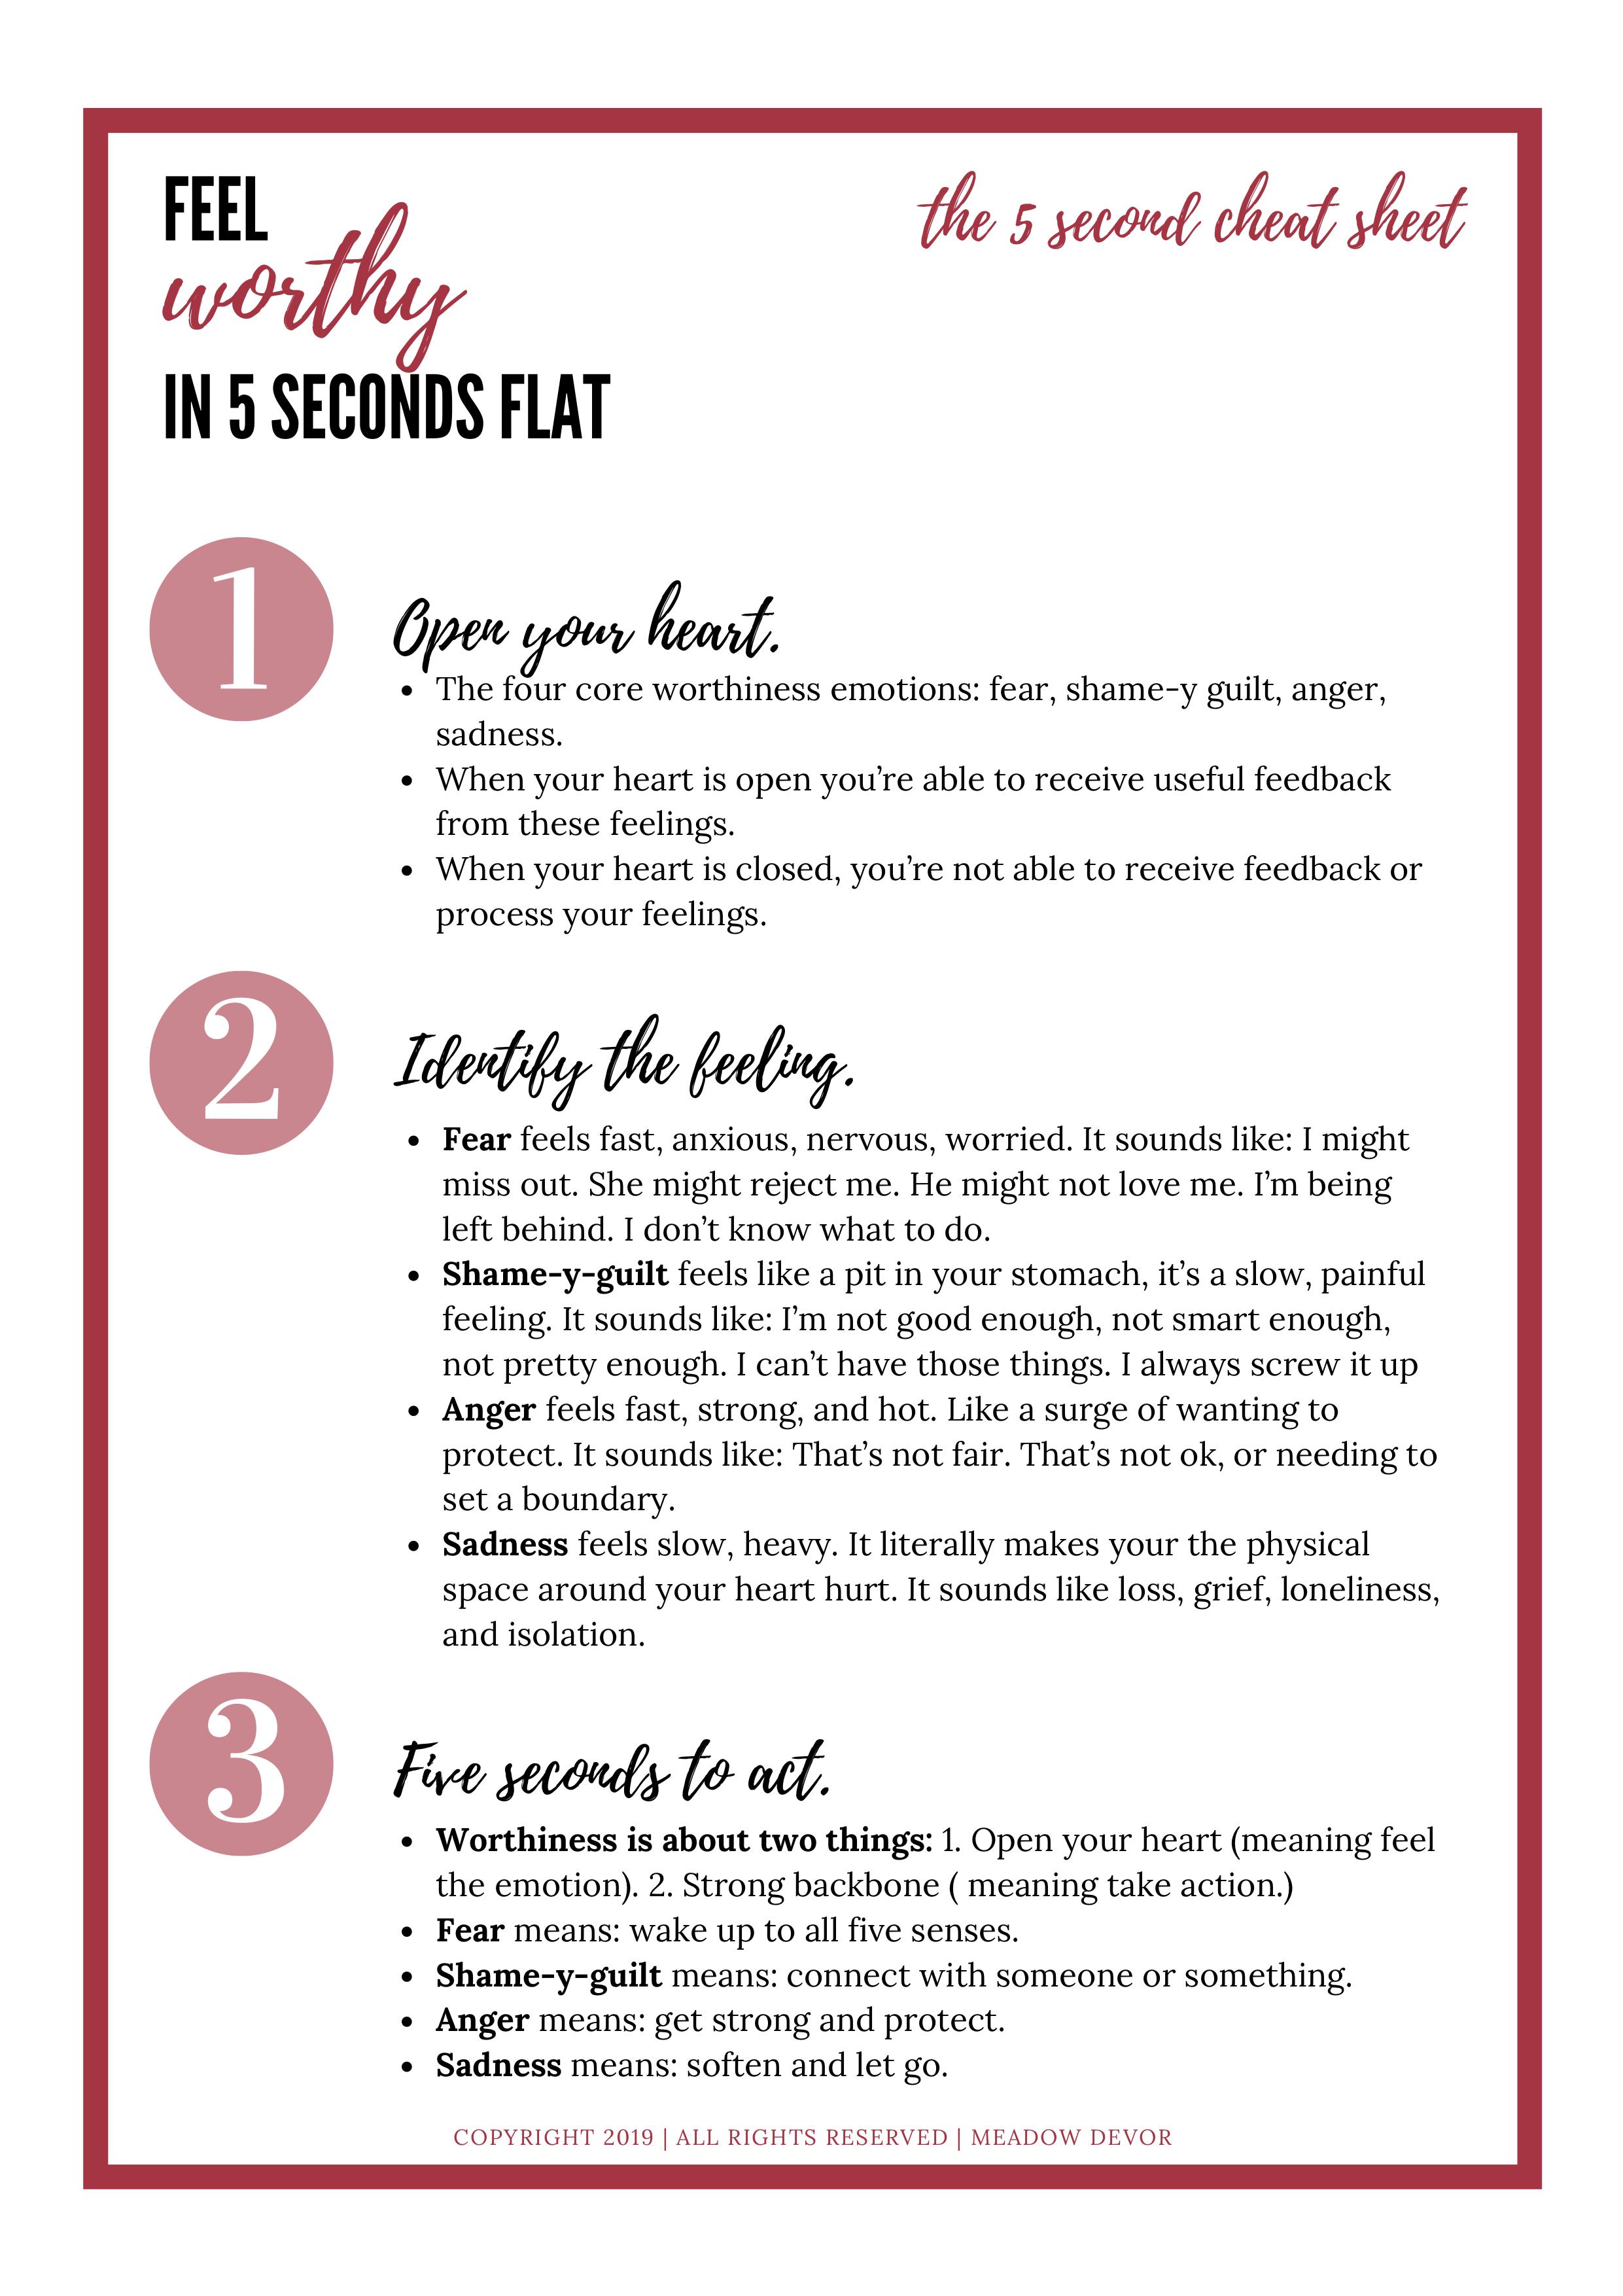 5 Second Cheat Sheet.jpg